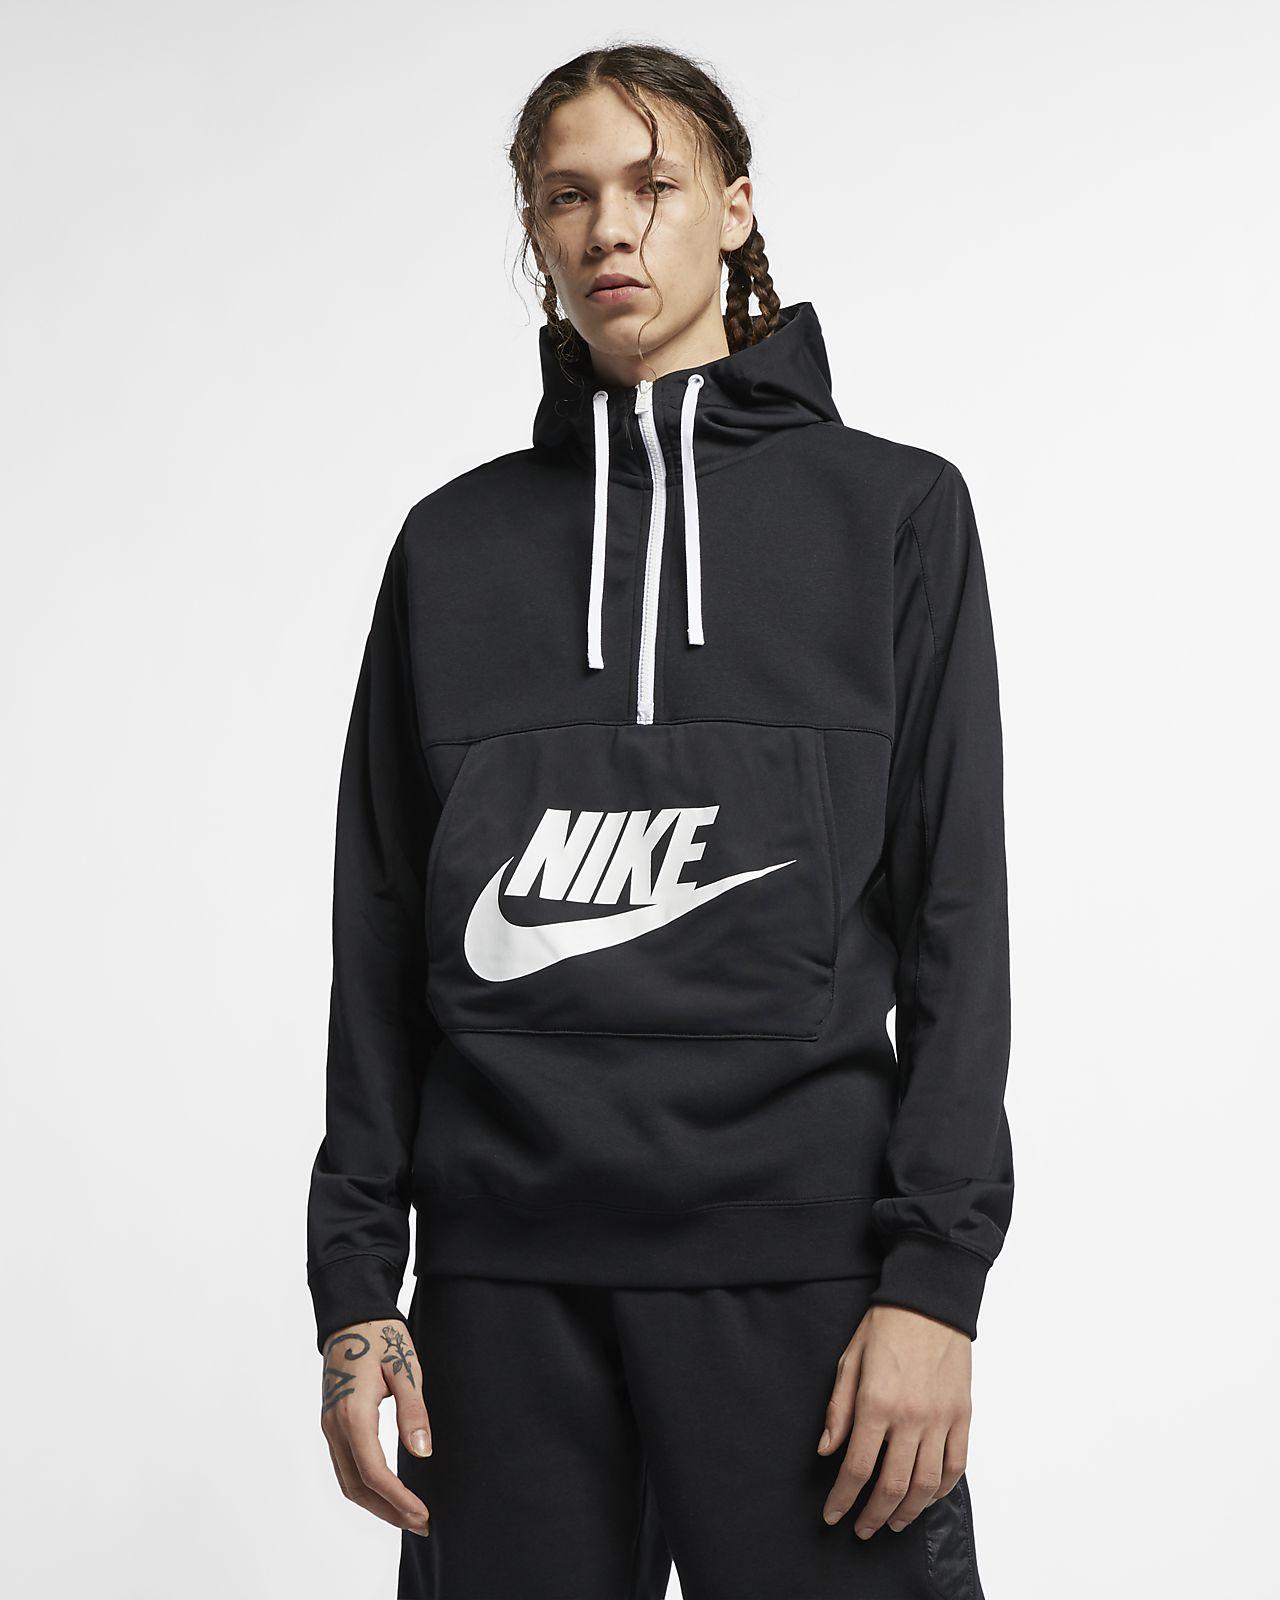 Nike Sportswear hettejakke med glidelås i halv lengde til herre